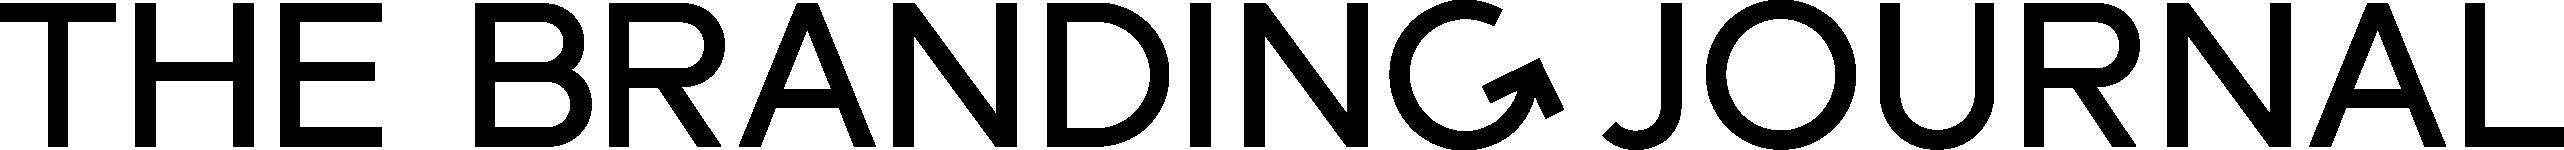 logo-noir-sur-fond-transparent